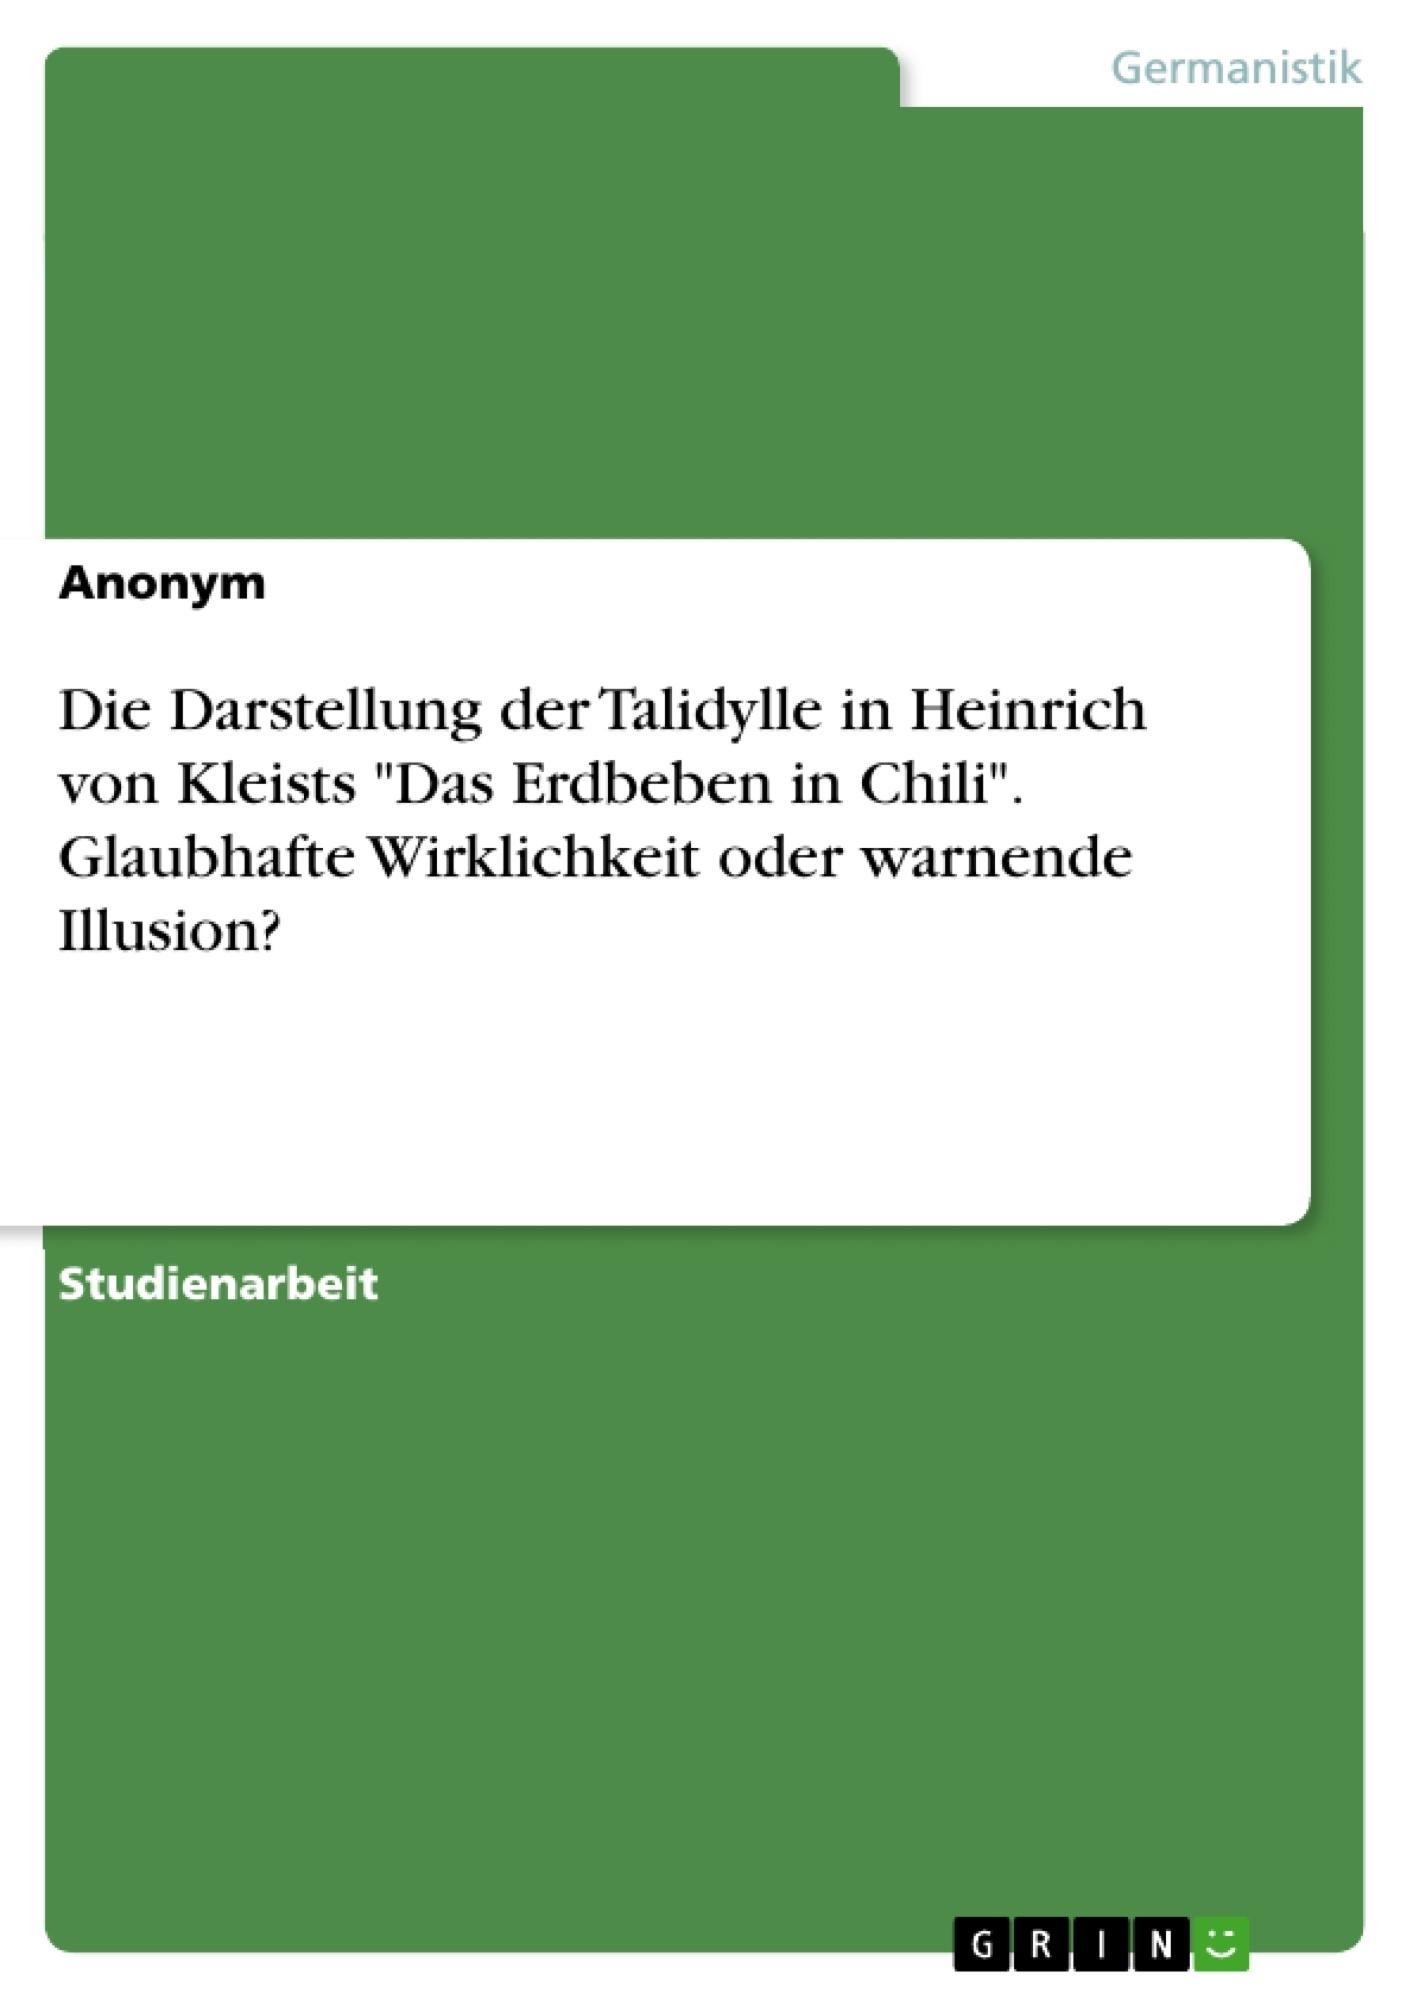 """Titel: Die Darstellung der Talidylle in Heinrich von Kleists """"Das Erdbeben in Chili"""". Glaubhafte Wirklichkeit oder warnende Illusion?"""